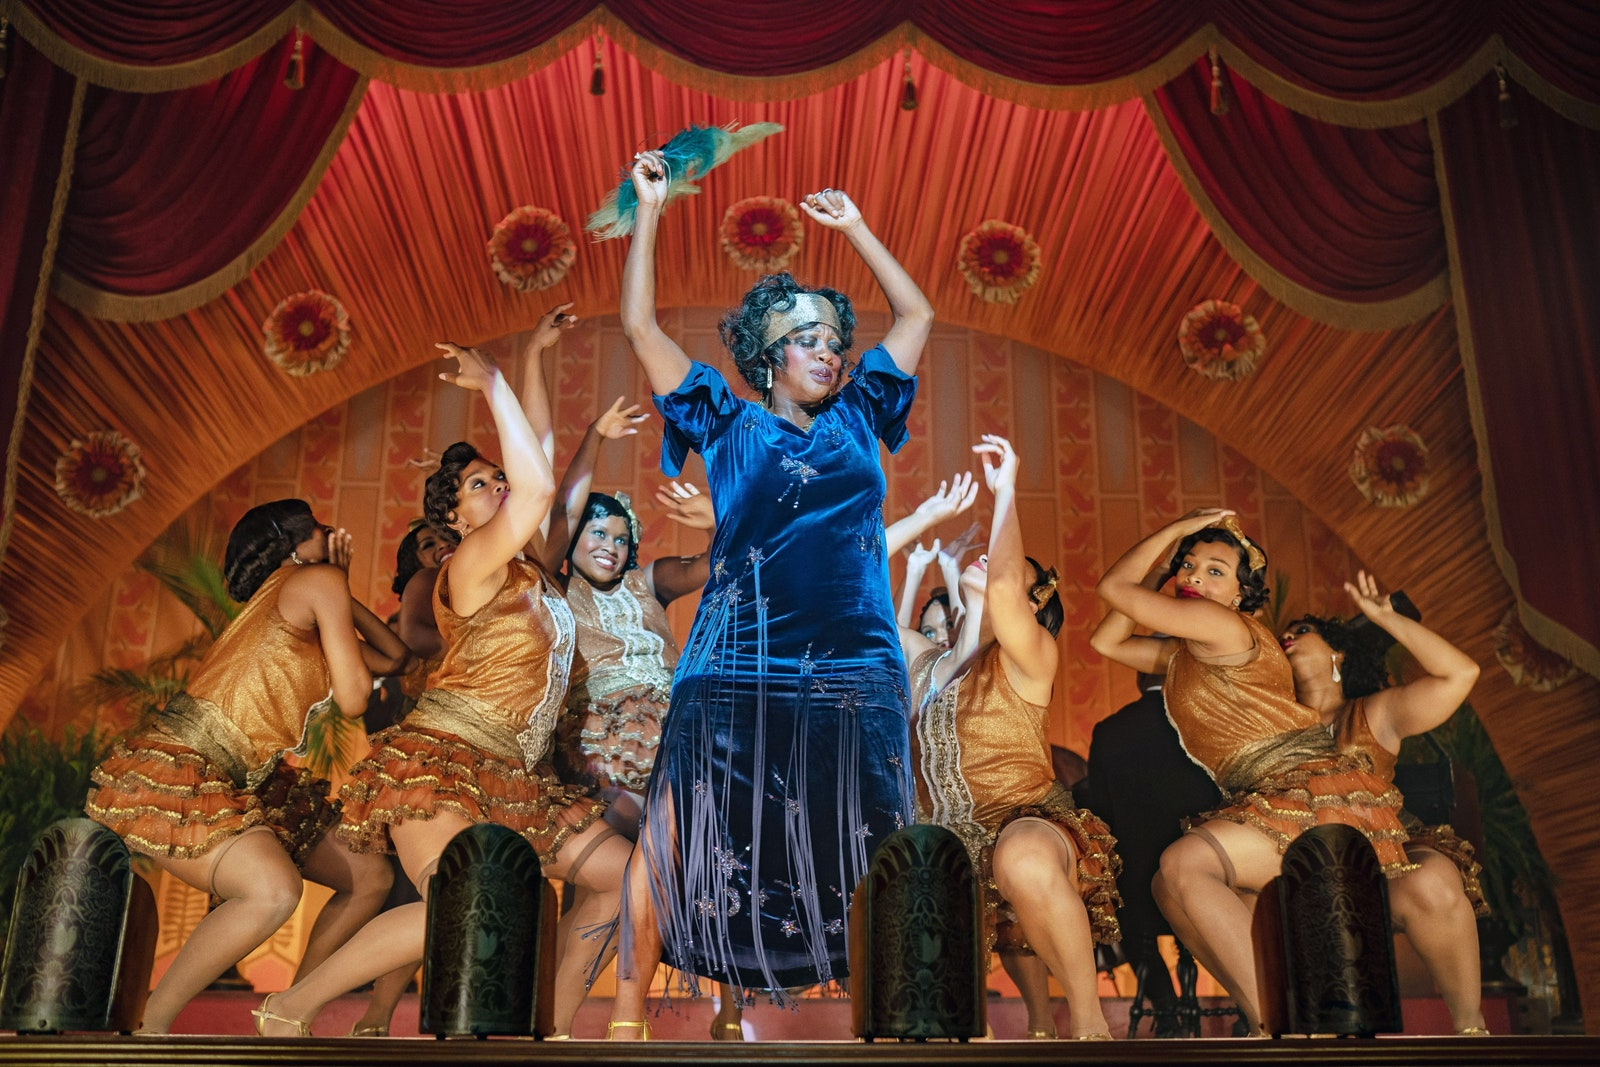 Kobiety tańczące na scenie jedna szczególnie wyróżnia cie za sprawa niebieskiej sukienki moda w filmie